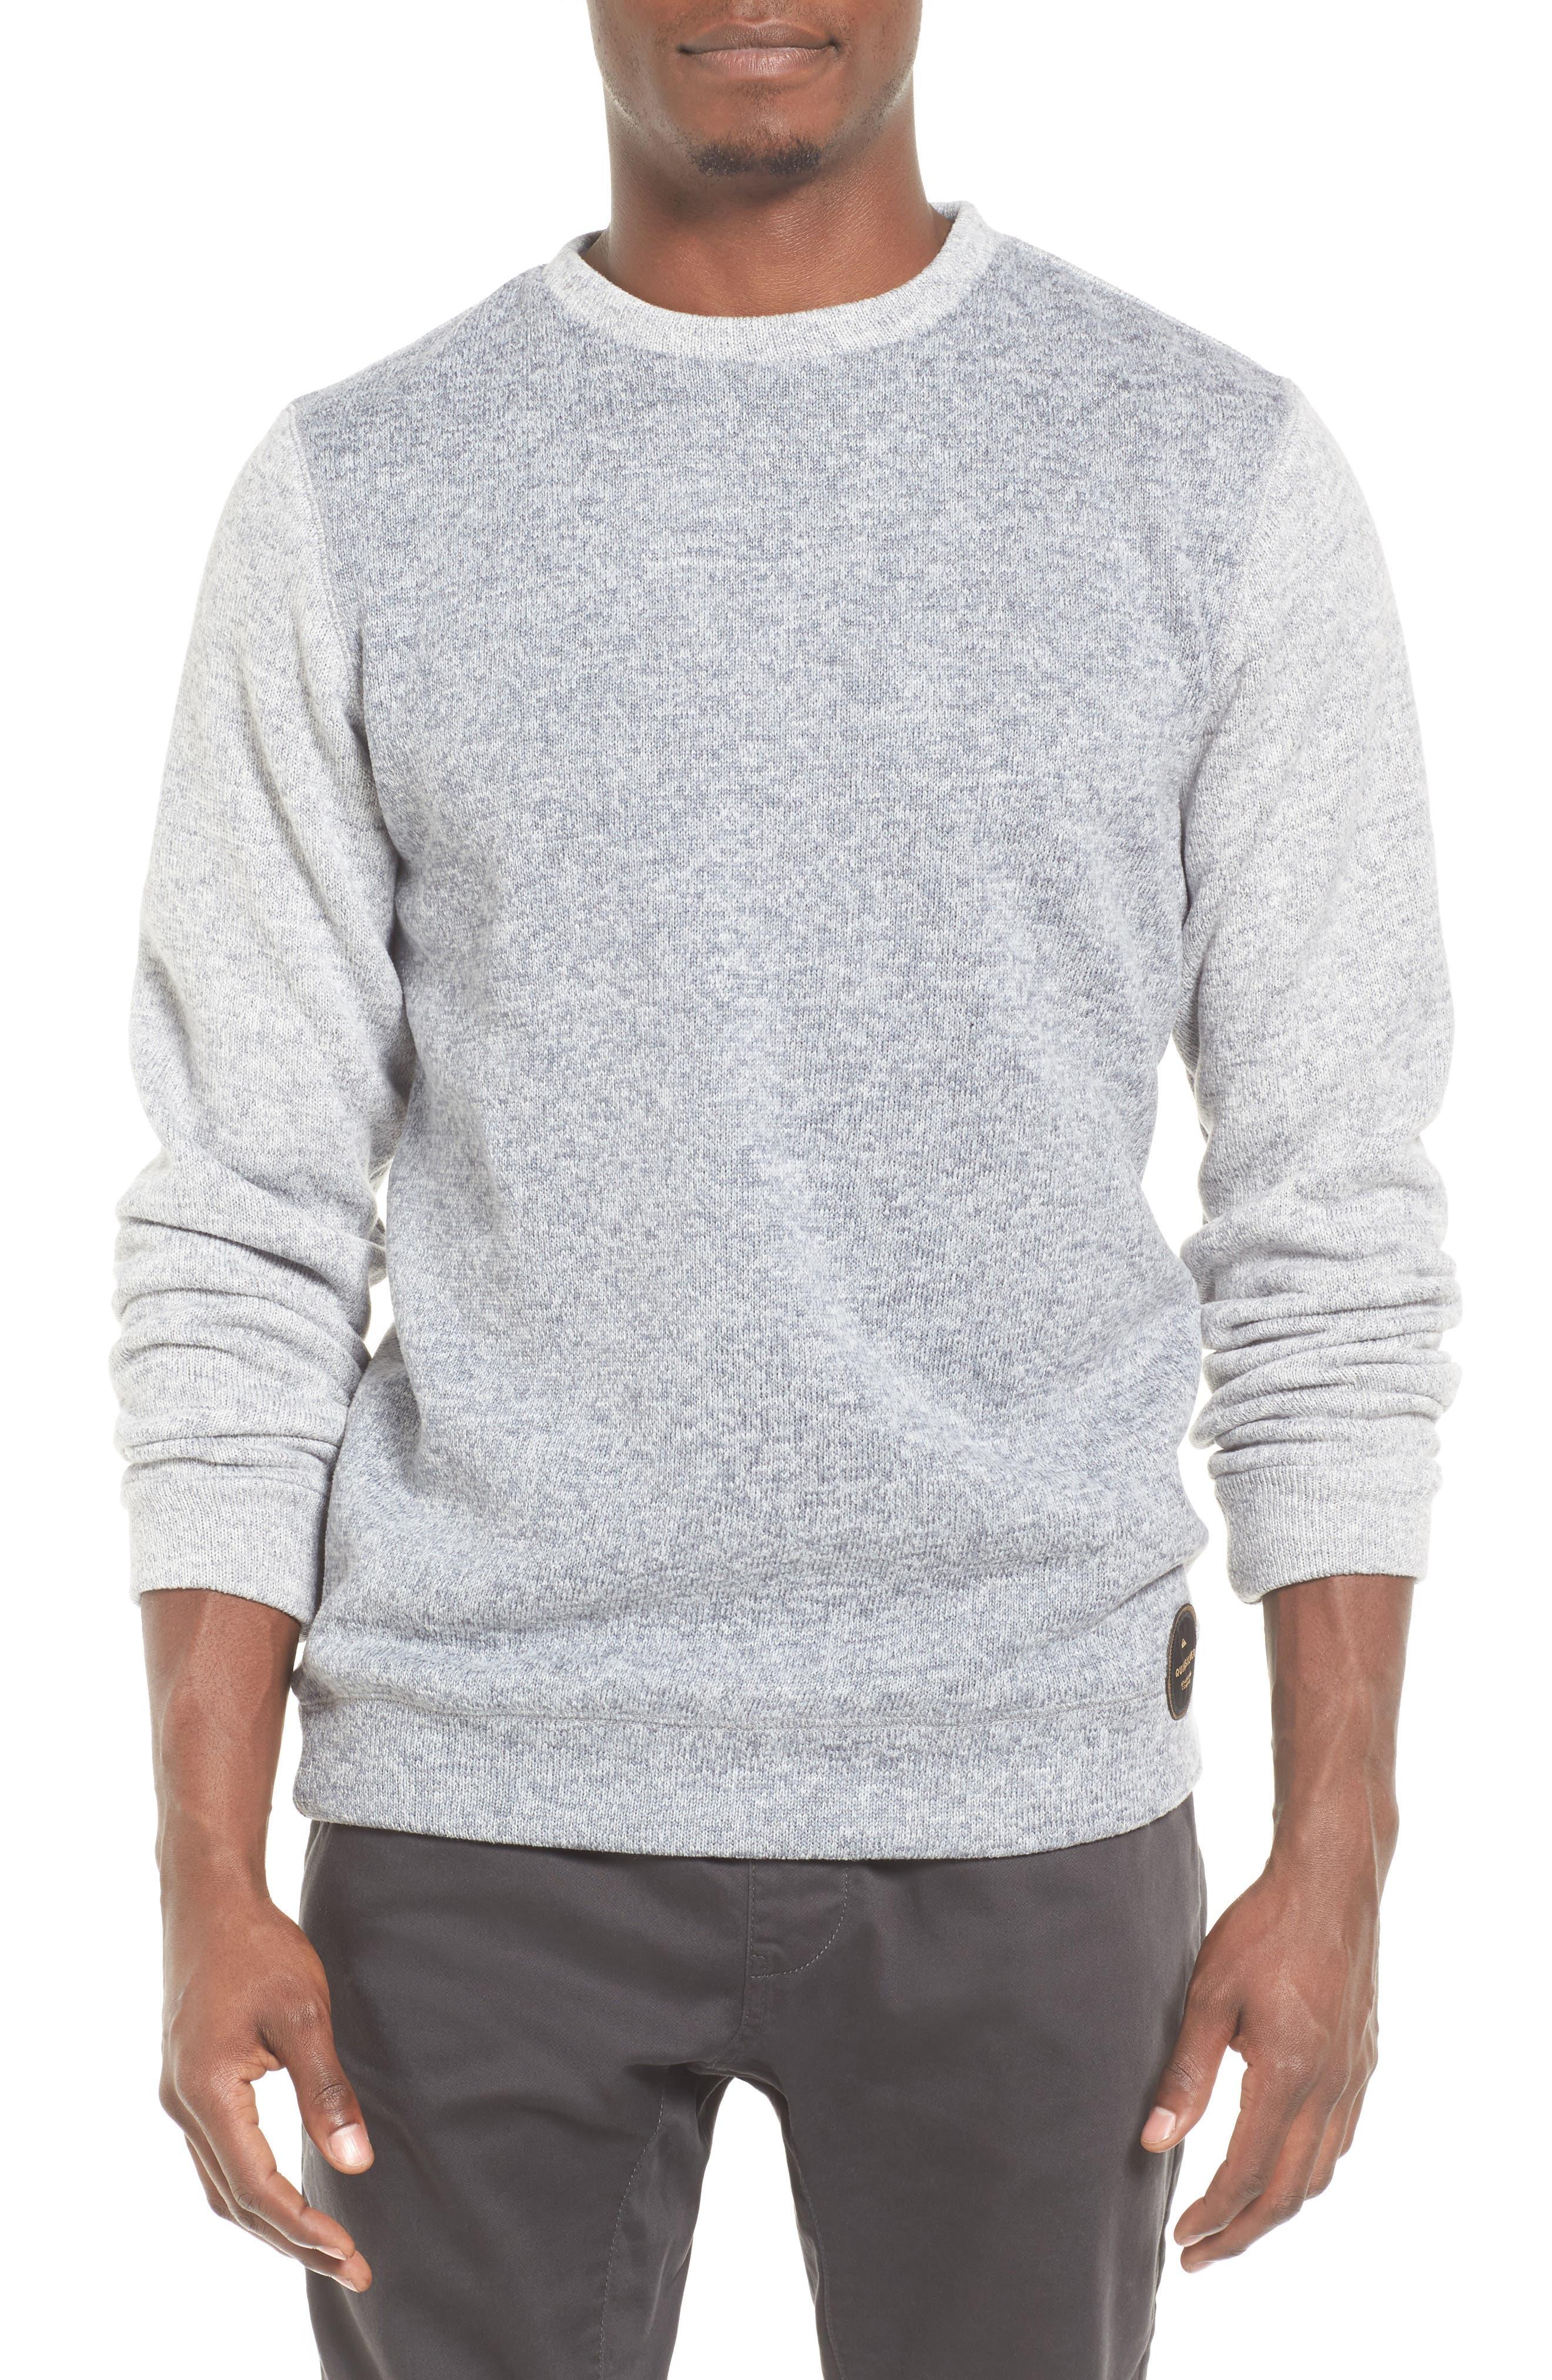 Quiksilver Keller Sweater